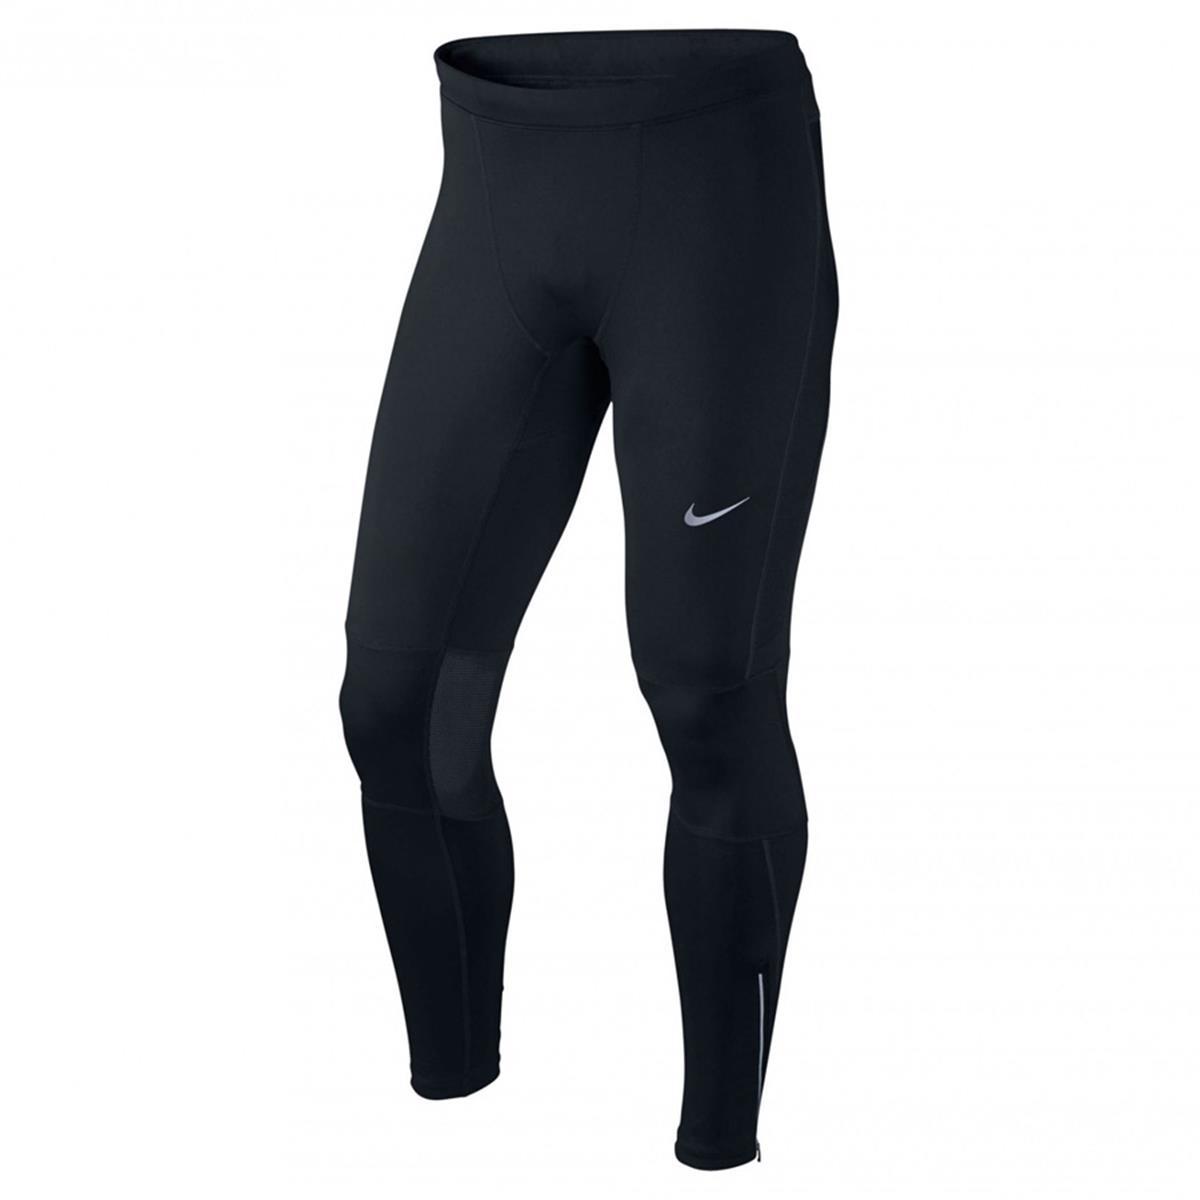 b9d880d6487 Nike Dri-Fit Essential Mens Running Tights | directsportsEshop.co.uk